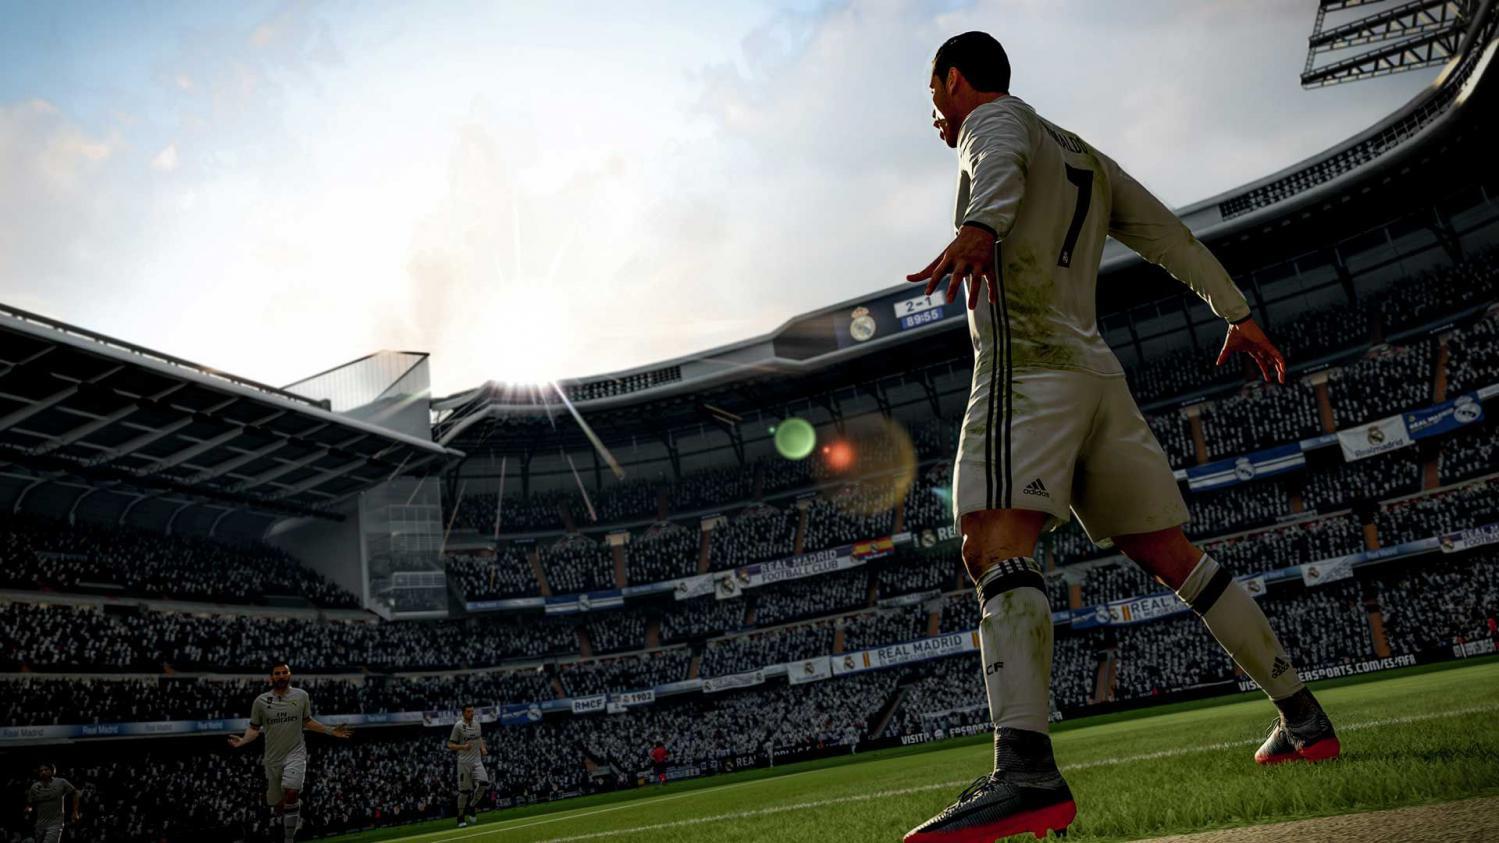 Football   comment les jeux vidéo influencent la réalité (et inversement) 5285e01704ec